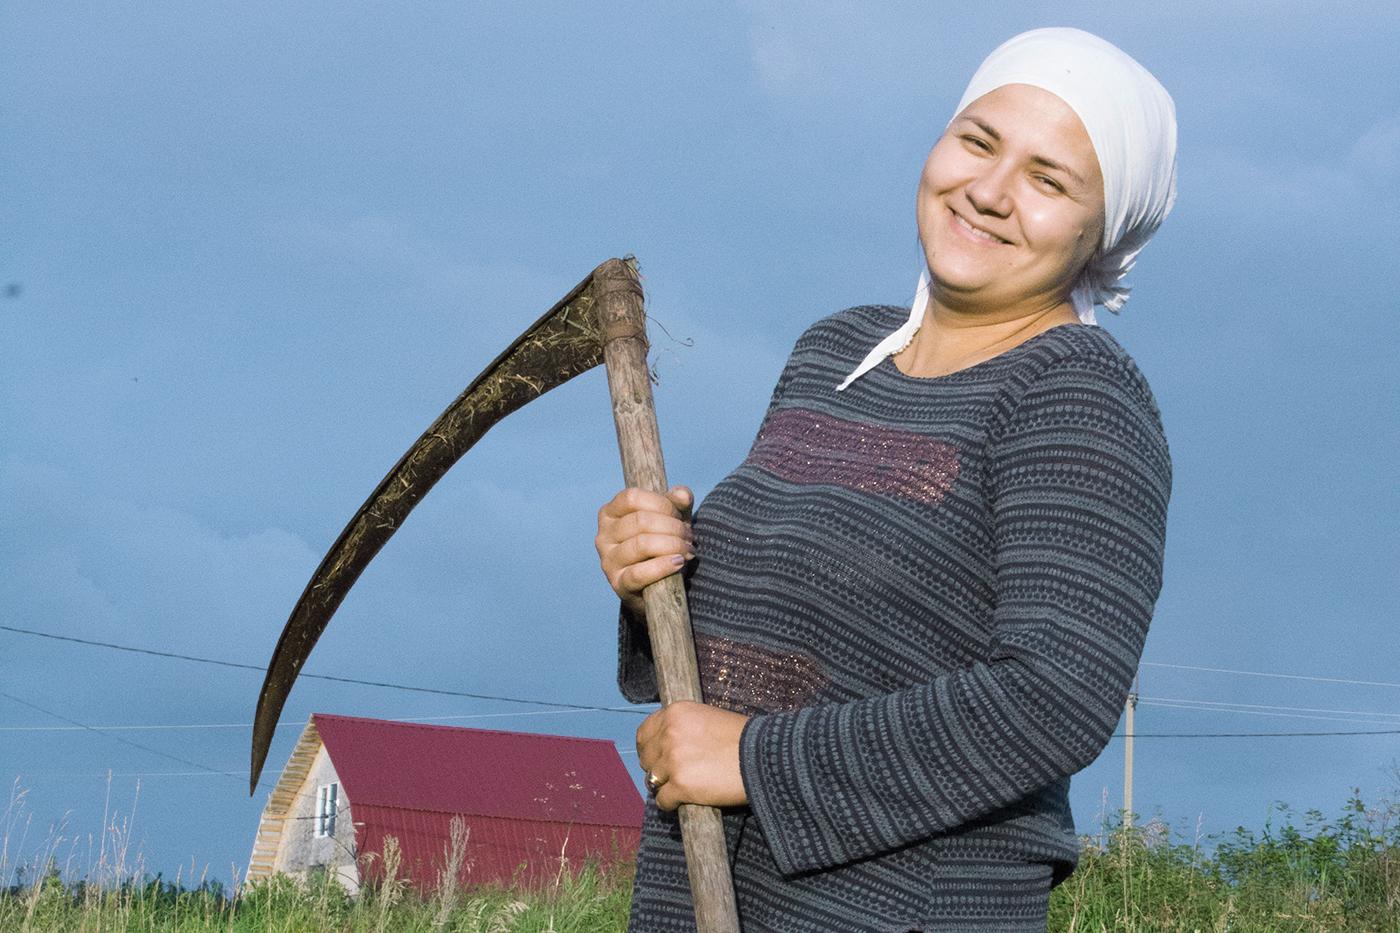 «Все думают, что фермер — это мужик на тракторе. А я девушка на ГАЗели». История фермера Ольги Мищихиной